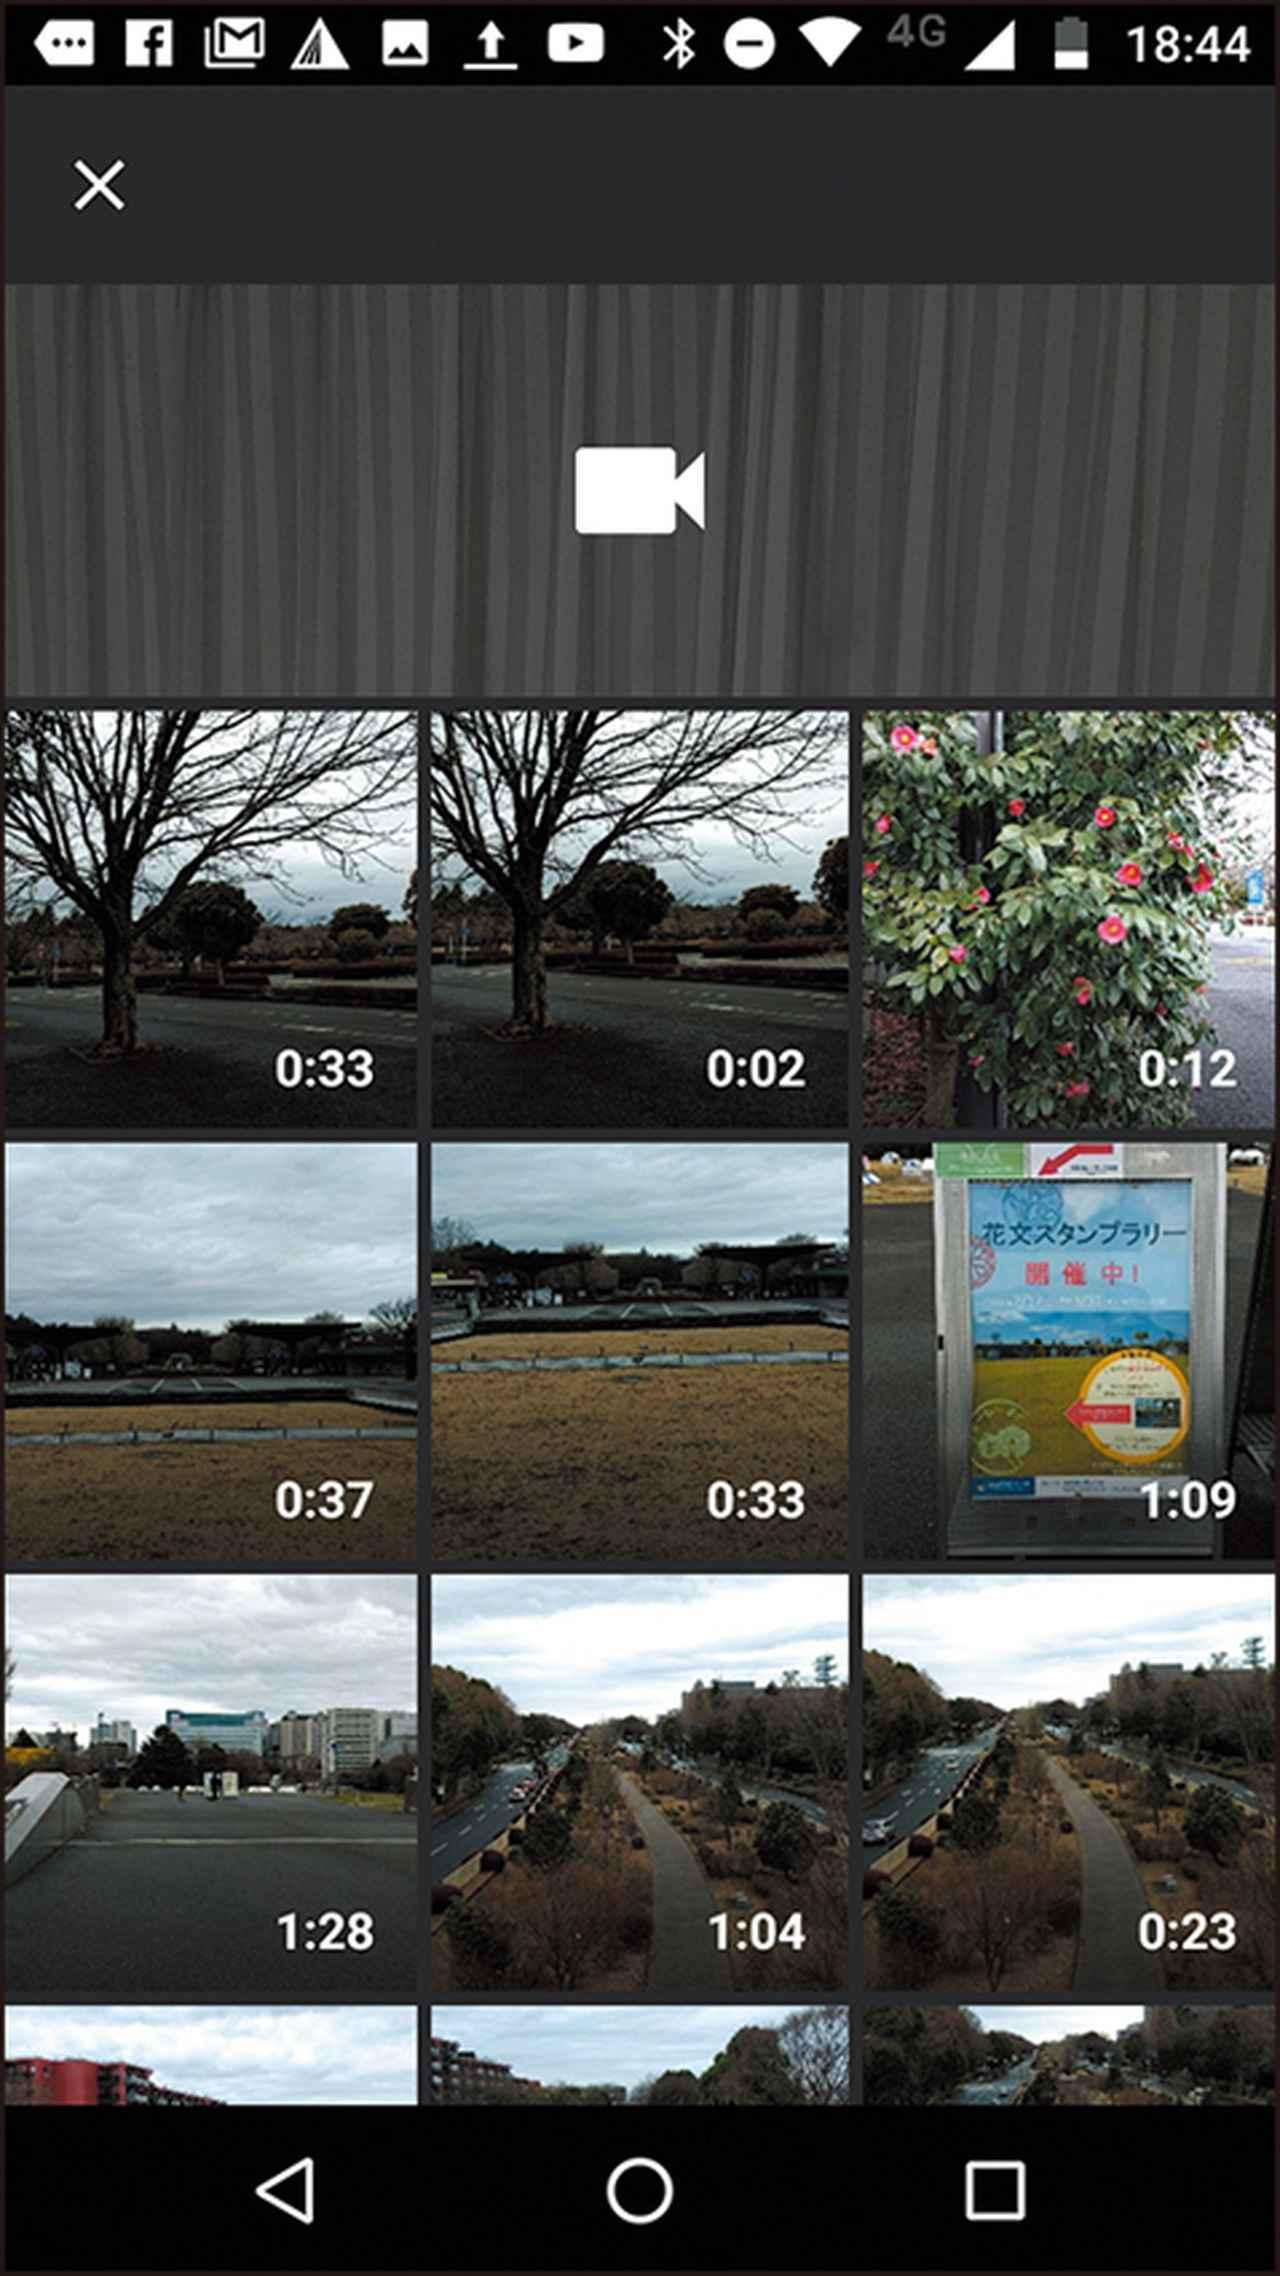 画像: 投稿する動画を選ぶか、新たに撮影することもできる。次の画面でタイトルと説明、公開範囲を設定する。